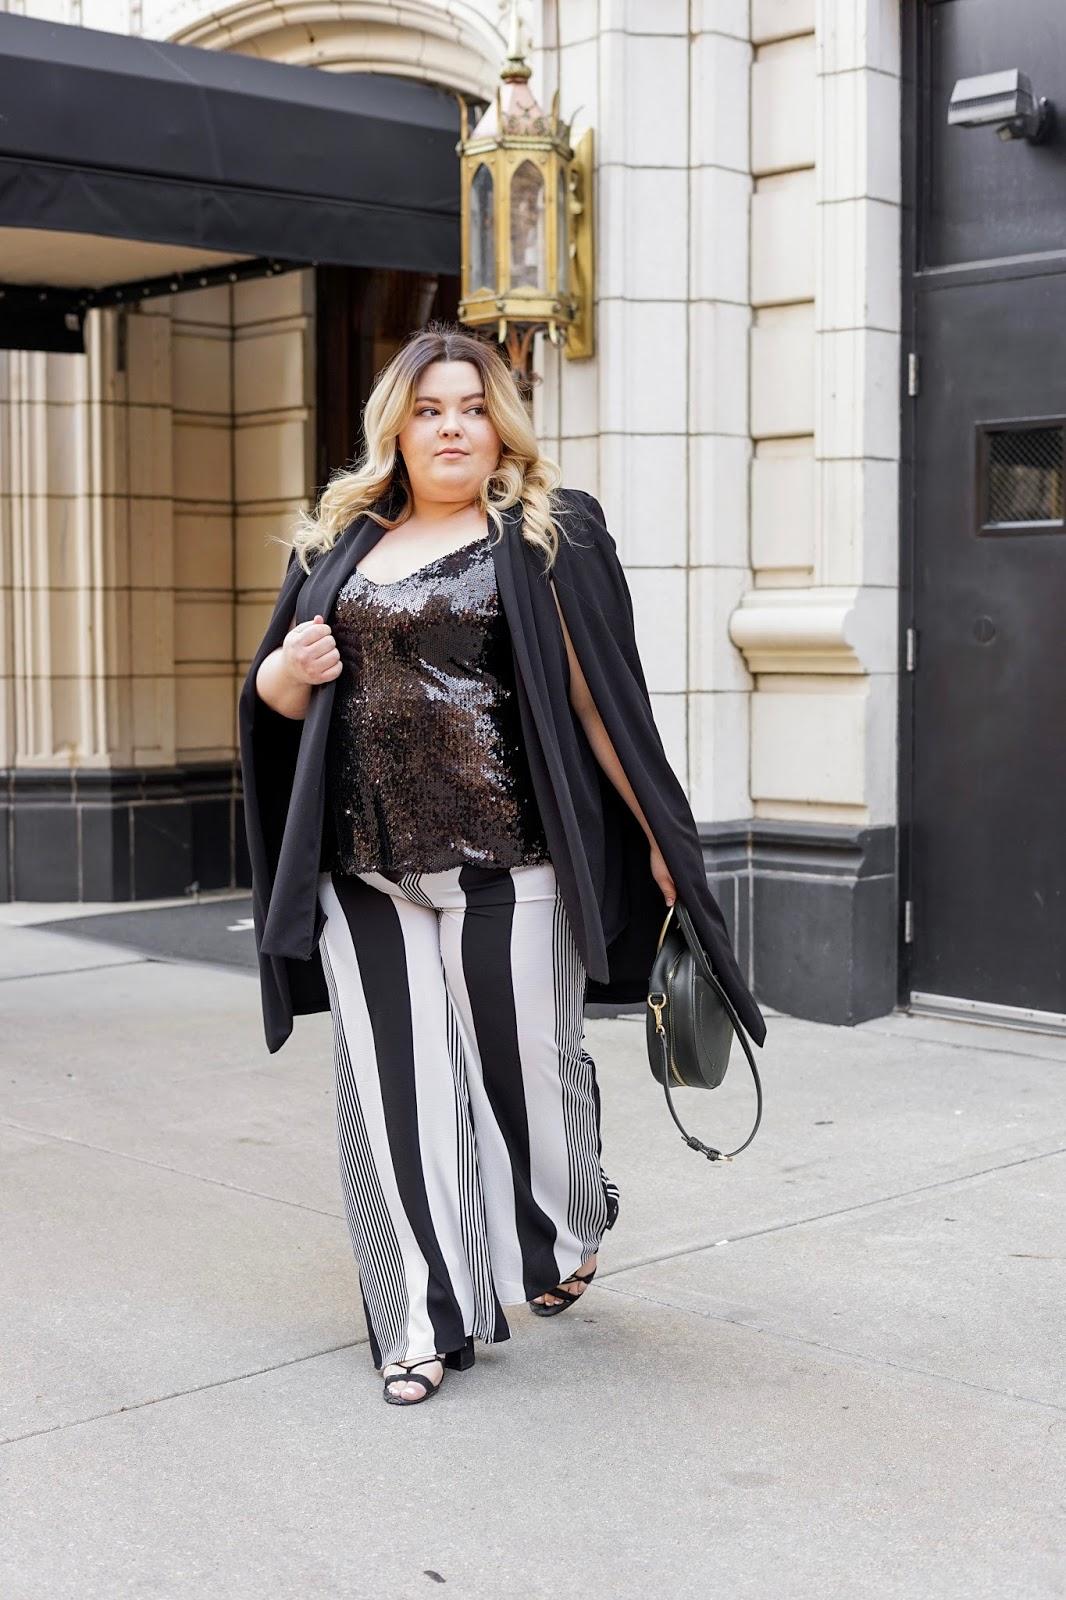 natalie Craig, natalie in the city, plus size fashion, Chicago fashion, plus size fashion blogger, eff your beauty standards, fatshion, skorch magazine, Chicago model, plus size model, plus size petite, affordable plus size clothing, embrace your curves, plus model magazine, striped pants, sequin top, plus size cape, fashion nova, forever 21 plus